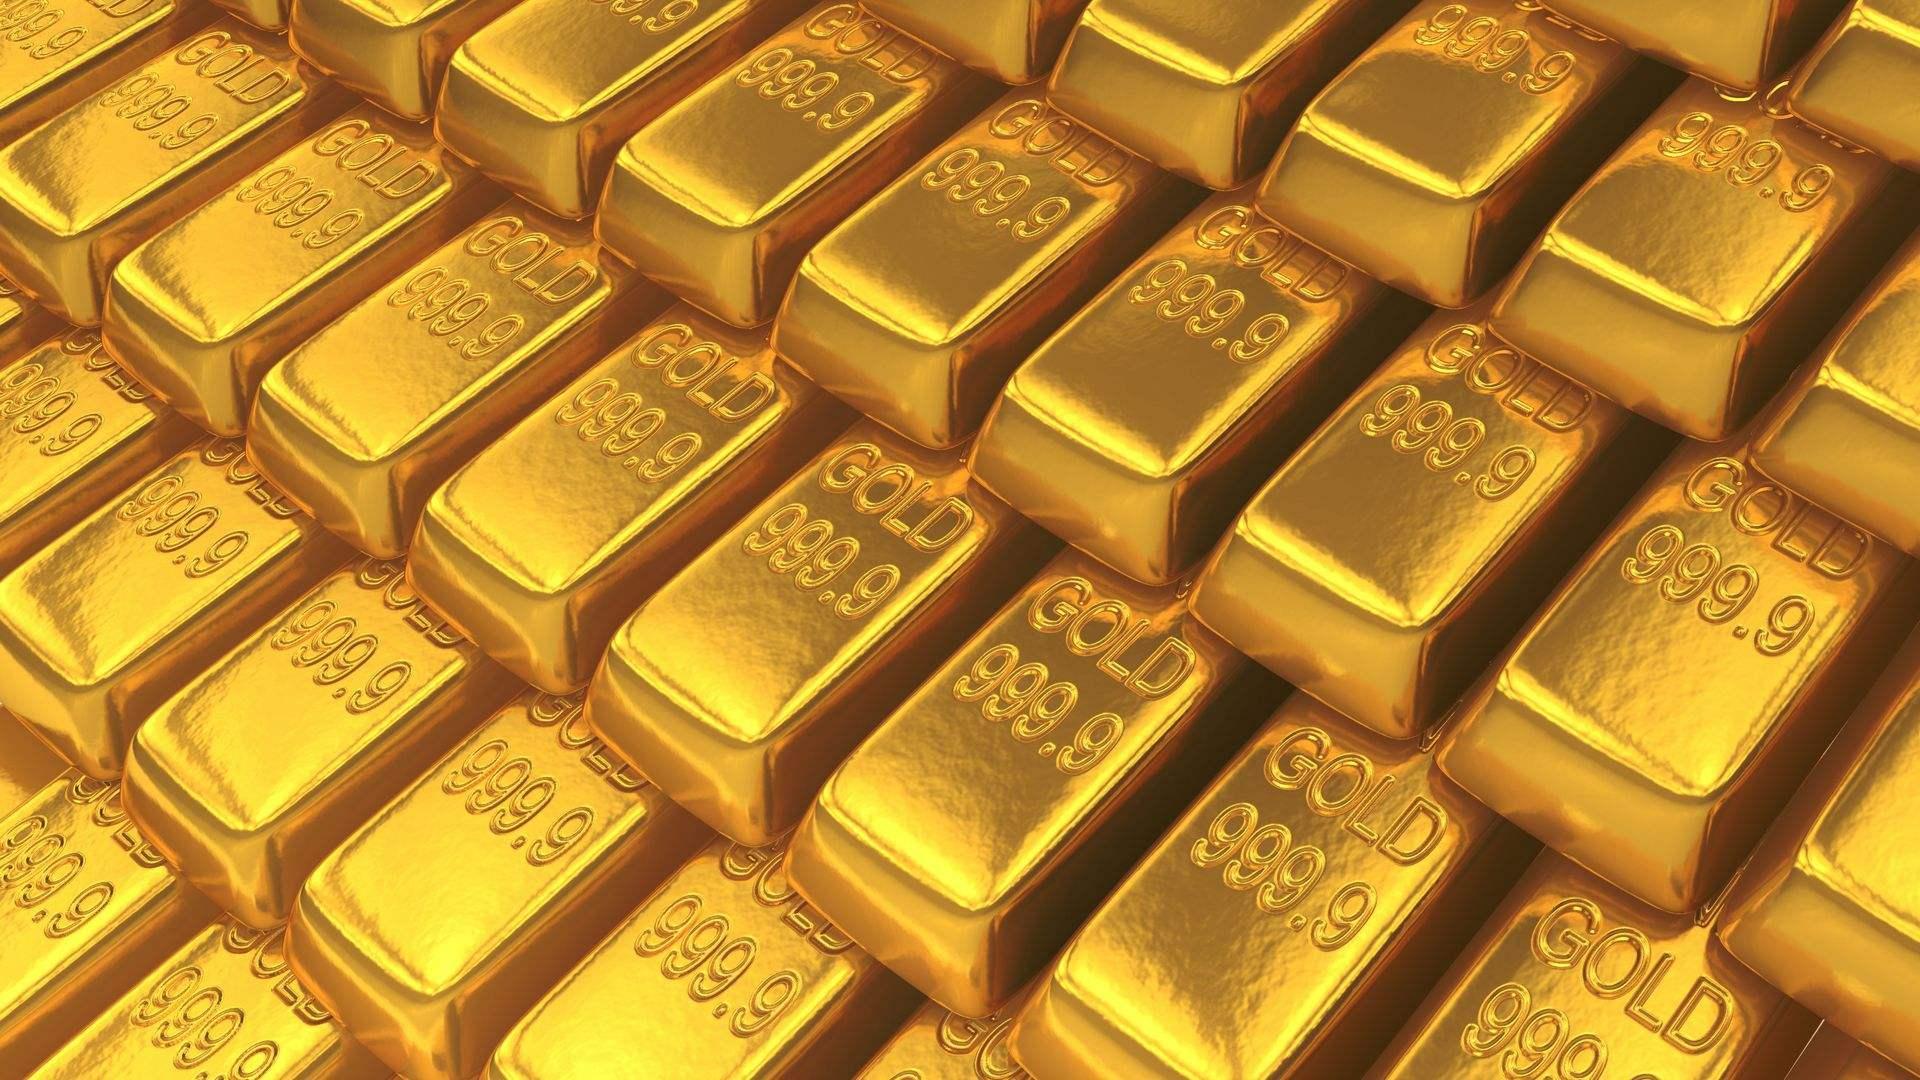 現貨黃金只要守住該位 金價仍可能大漲!